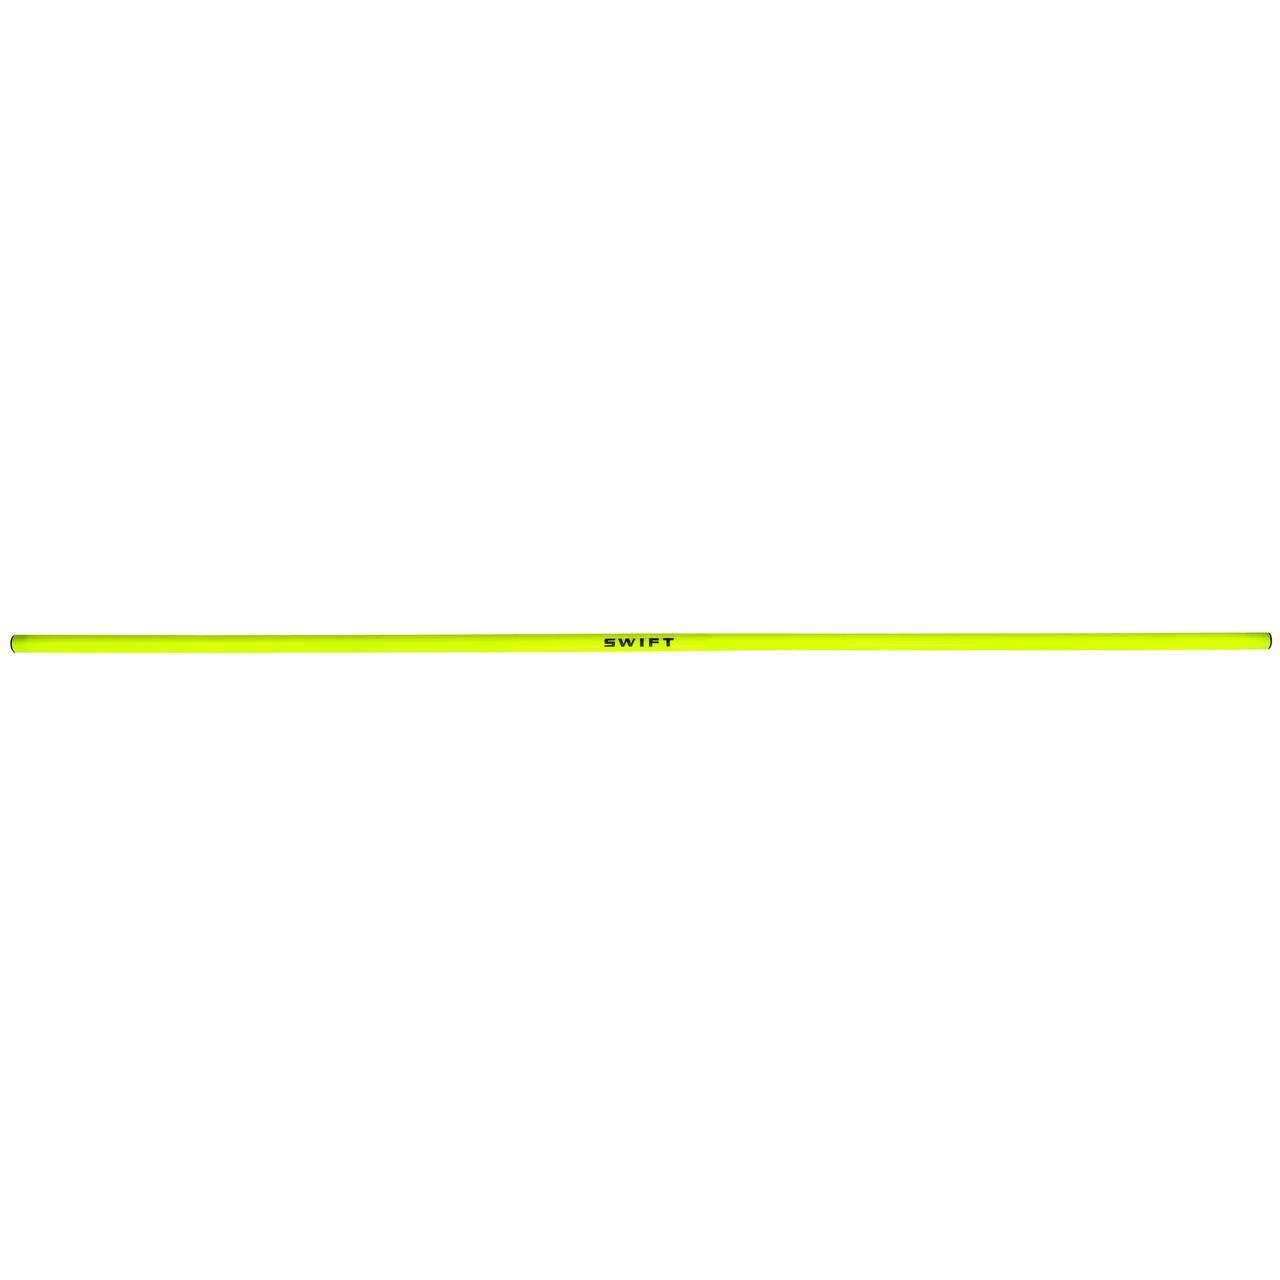 Палка гимнастическая SWIFT Training Pole 160 см